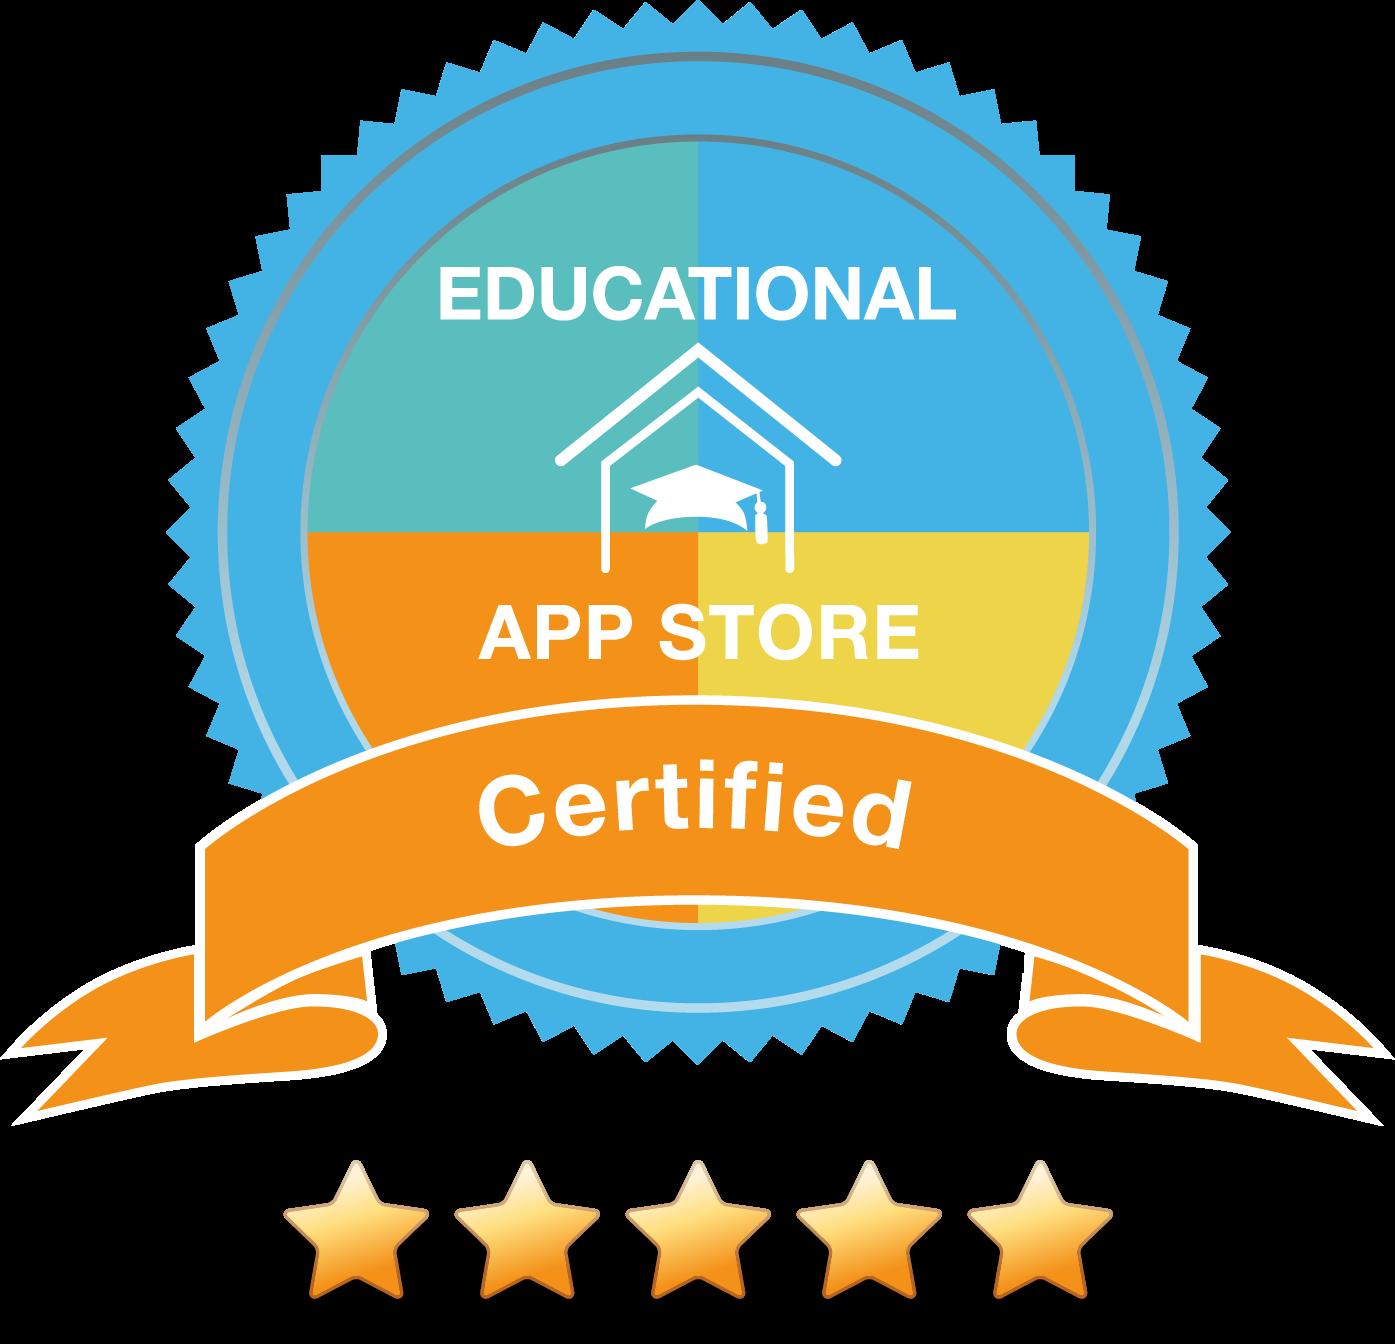 Educational App Store - 5 Star Rating App